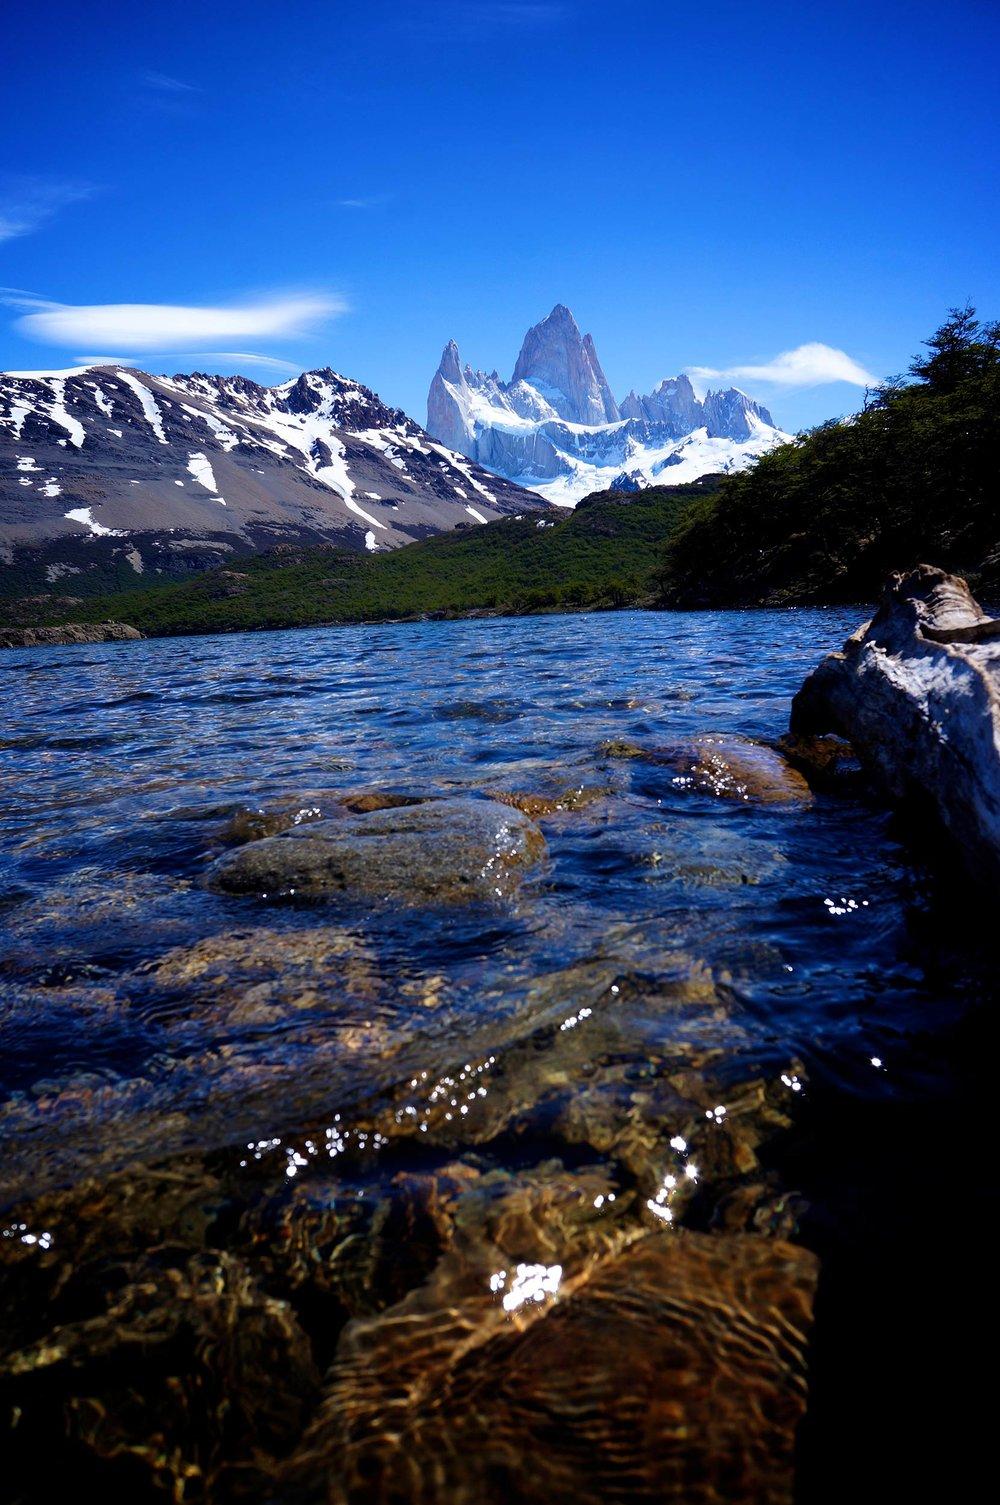 fitz_roy_lake_mountains.jpg